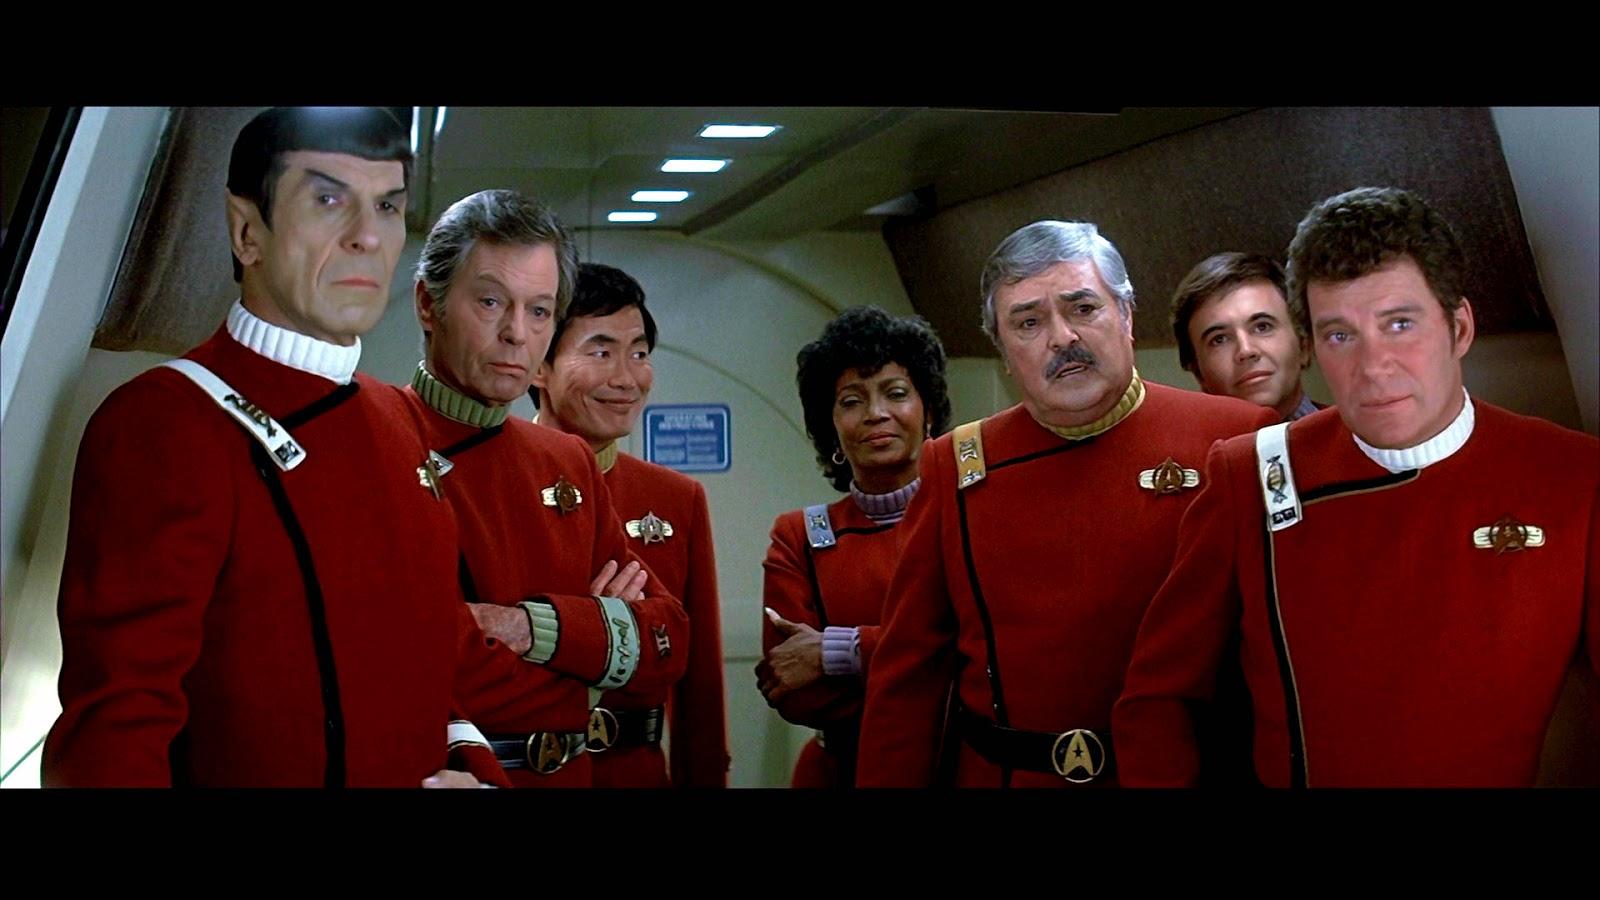 High Resolution Wallpaper | Star Trek II: The Wrath Of Khan 1600x900 px